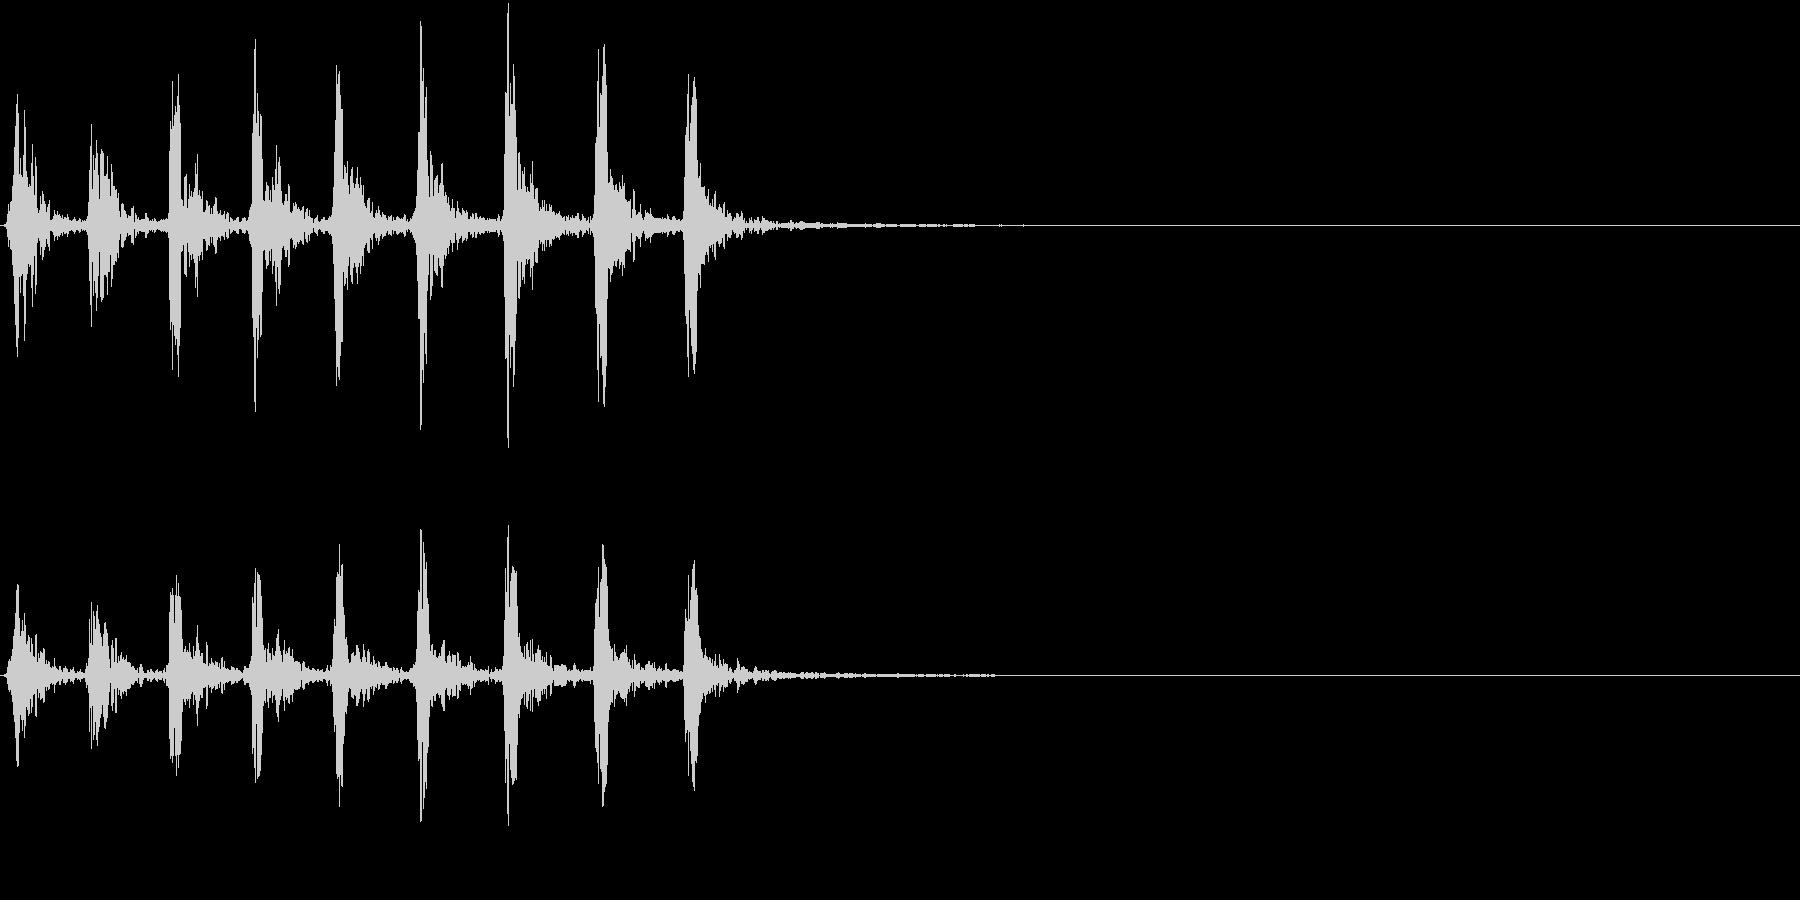 【生録音】小鳥のさえずり 野鳥 2の未再生の波形